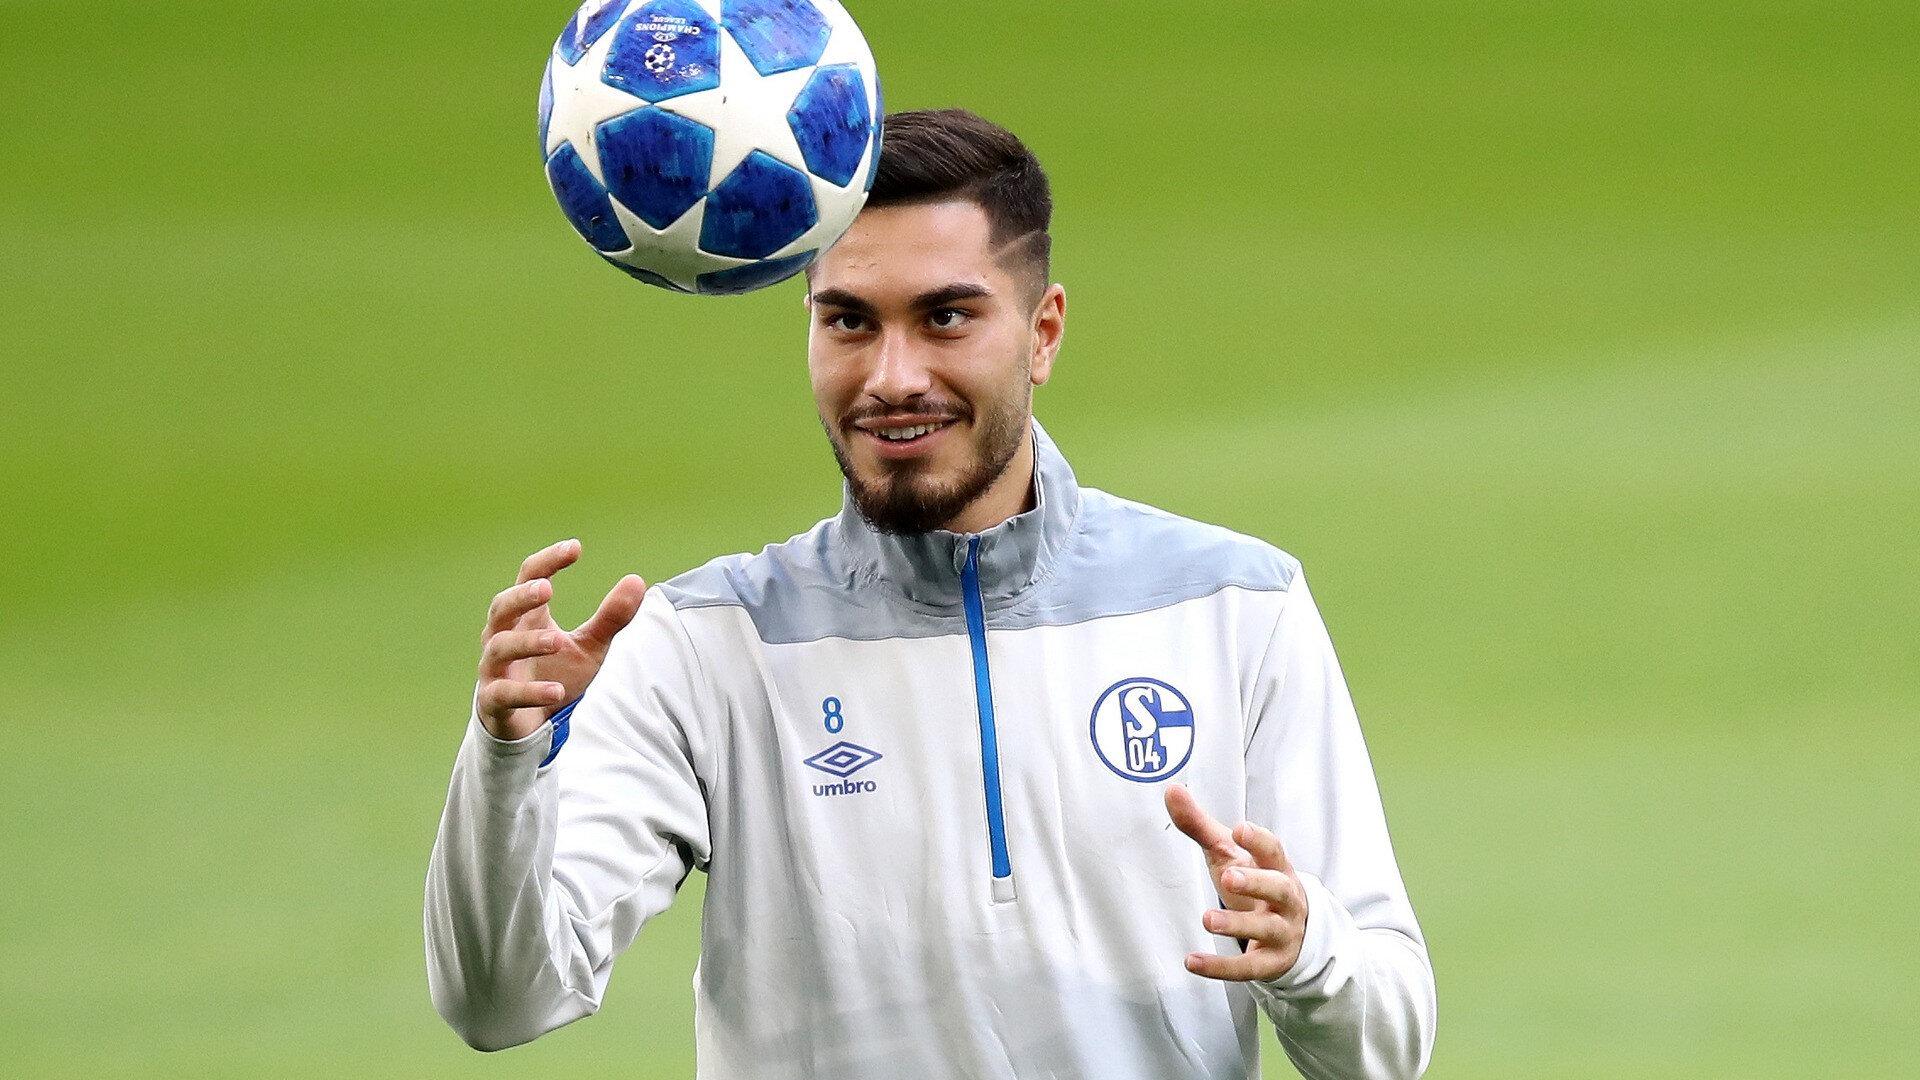 Schalke 04'te forma giyen Türk asıllı futbolcu Suat Serdar, milli takım tercihini Almanya'dan yana kullandı.